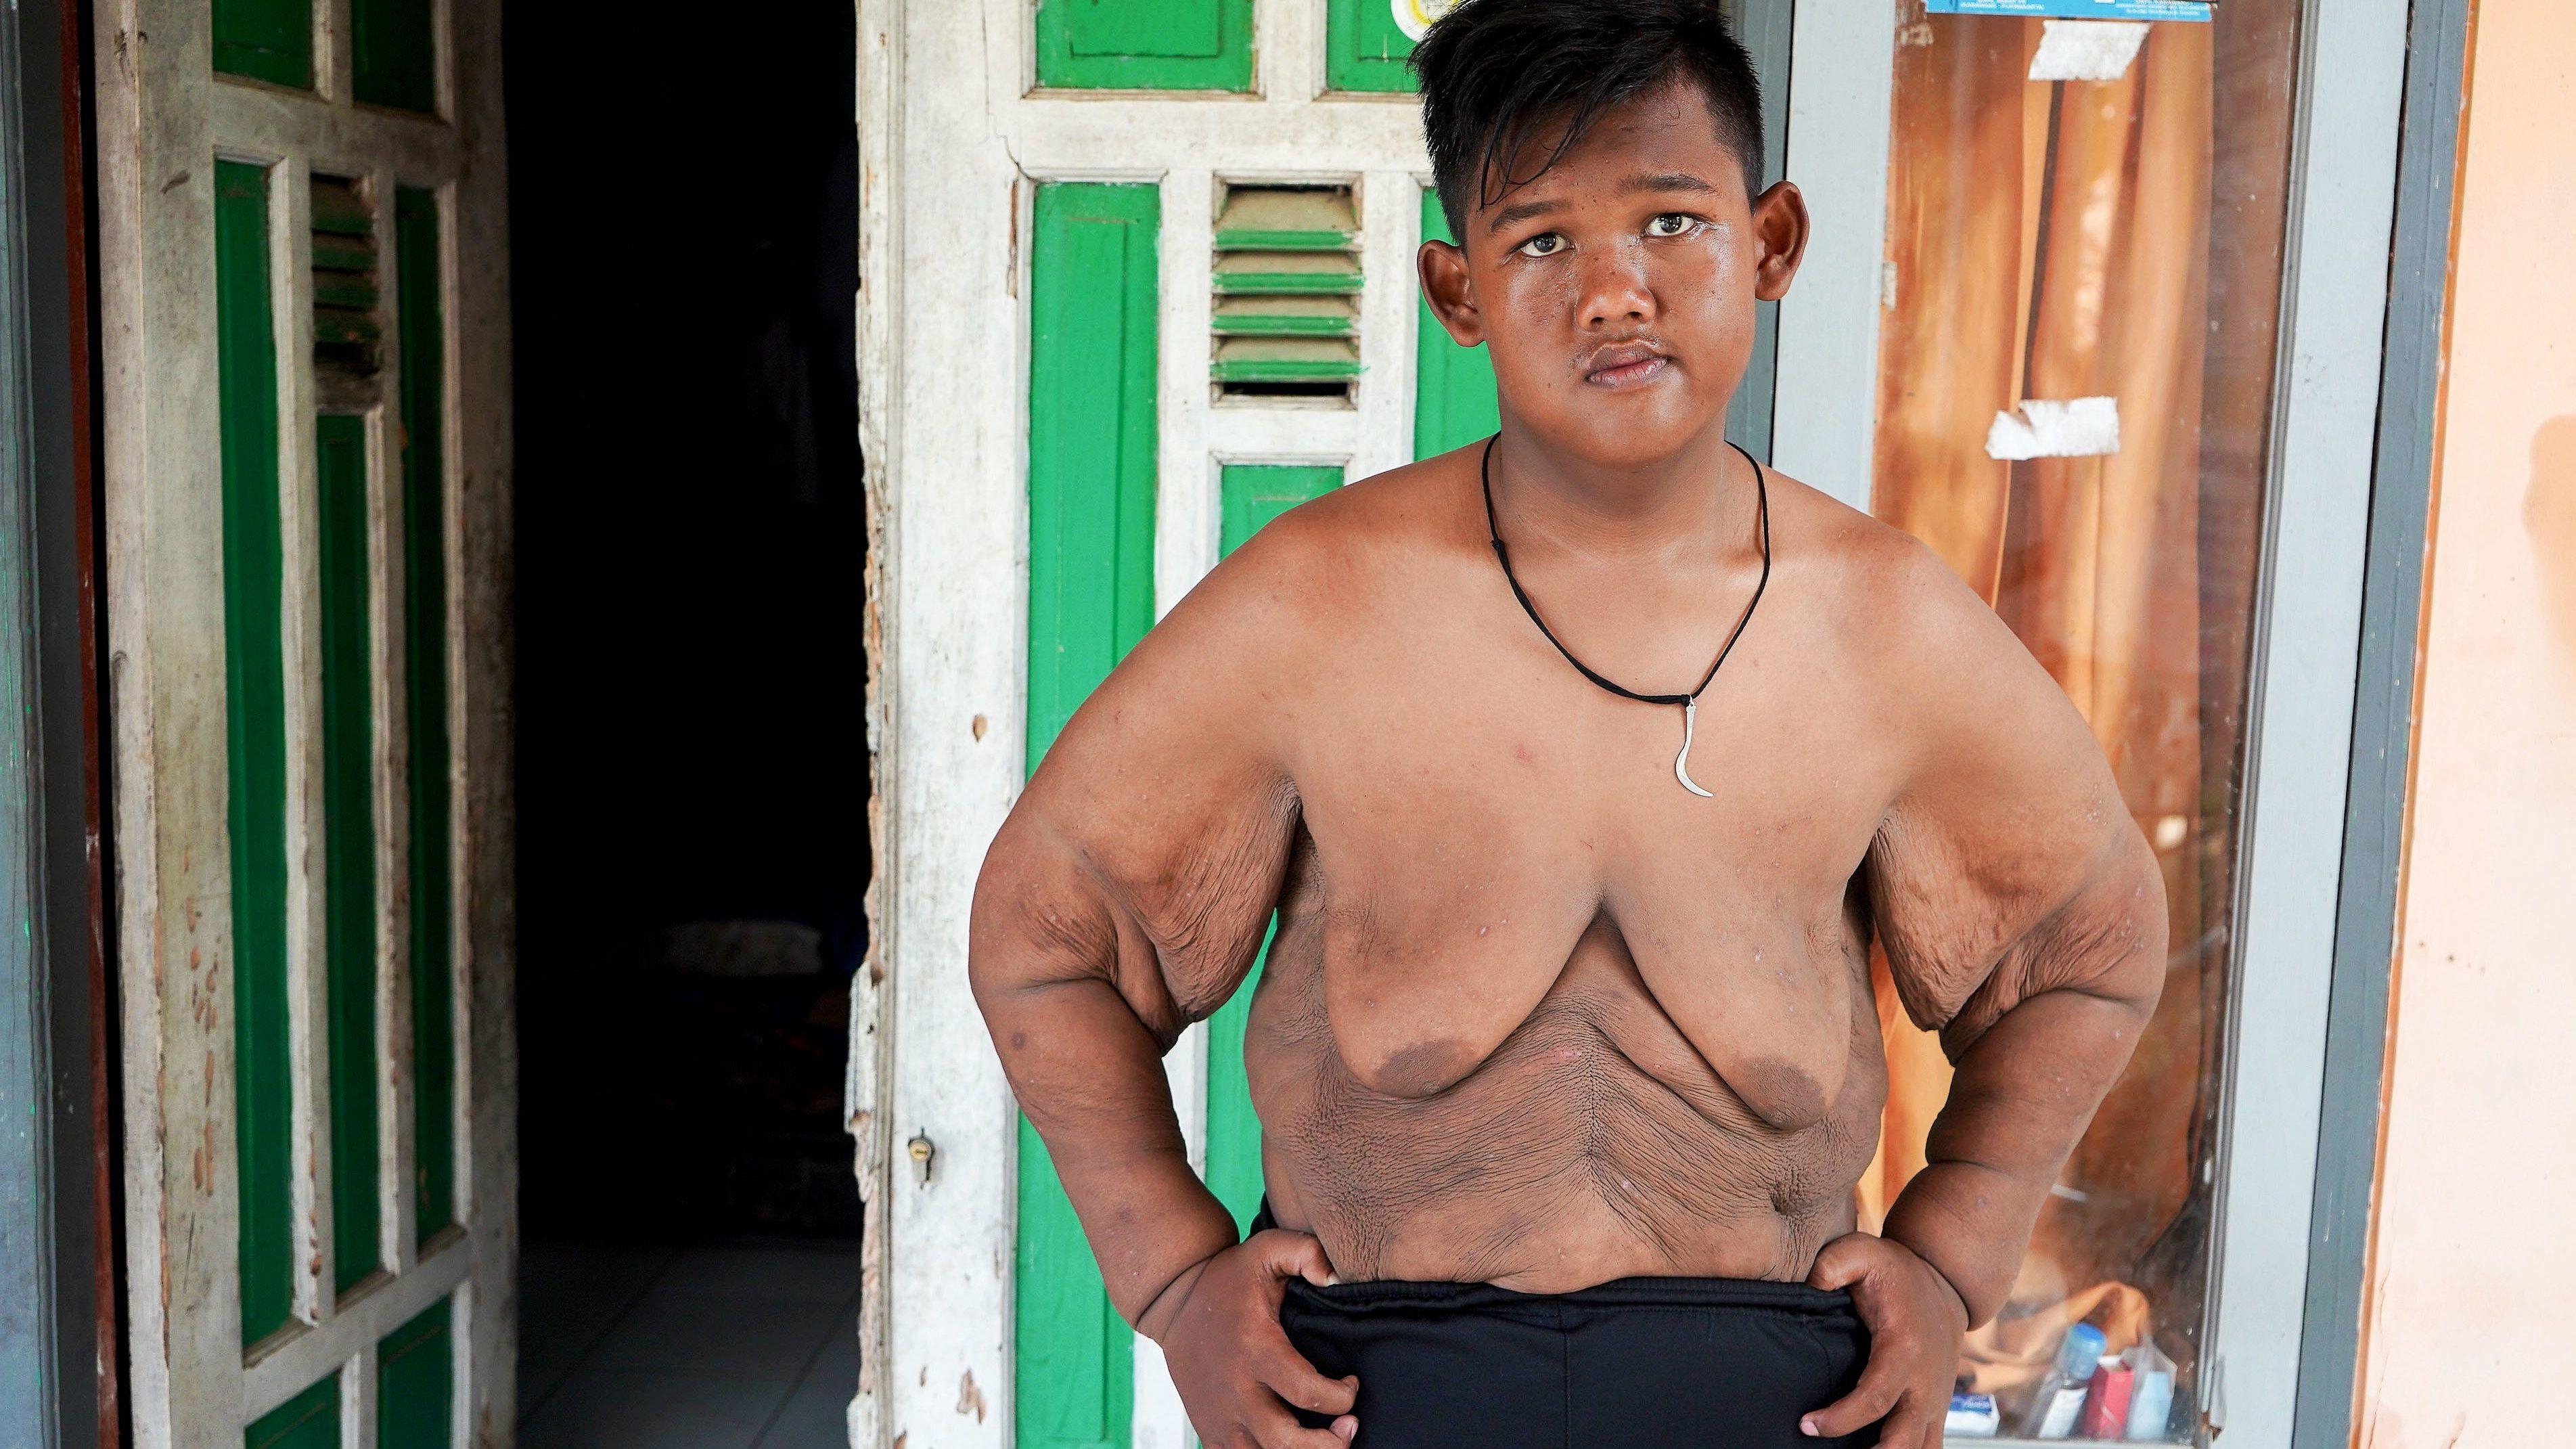 Kövér férfiak - Premium Diet